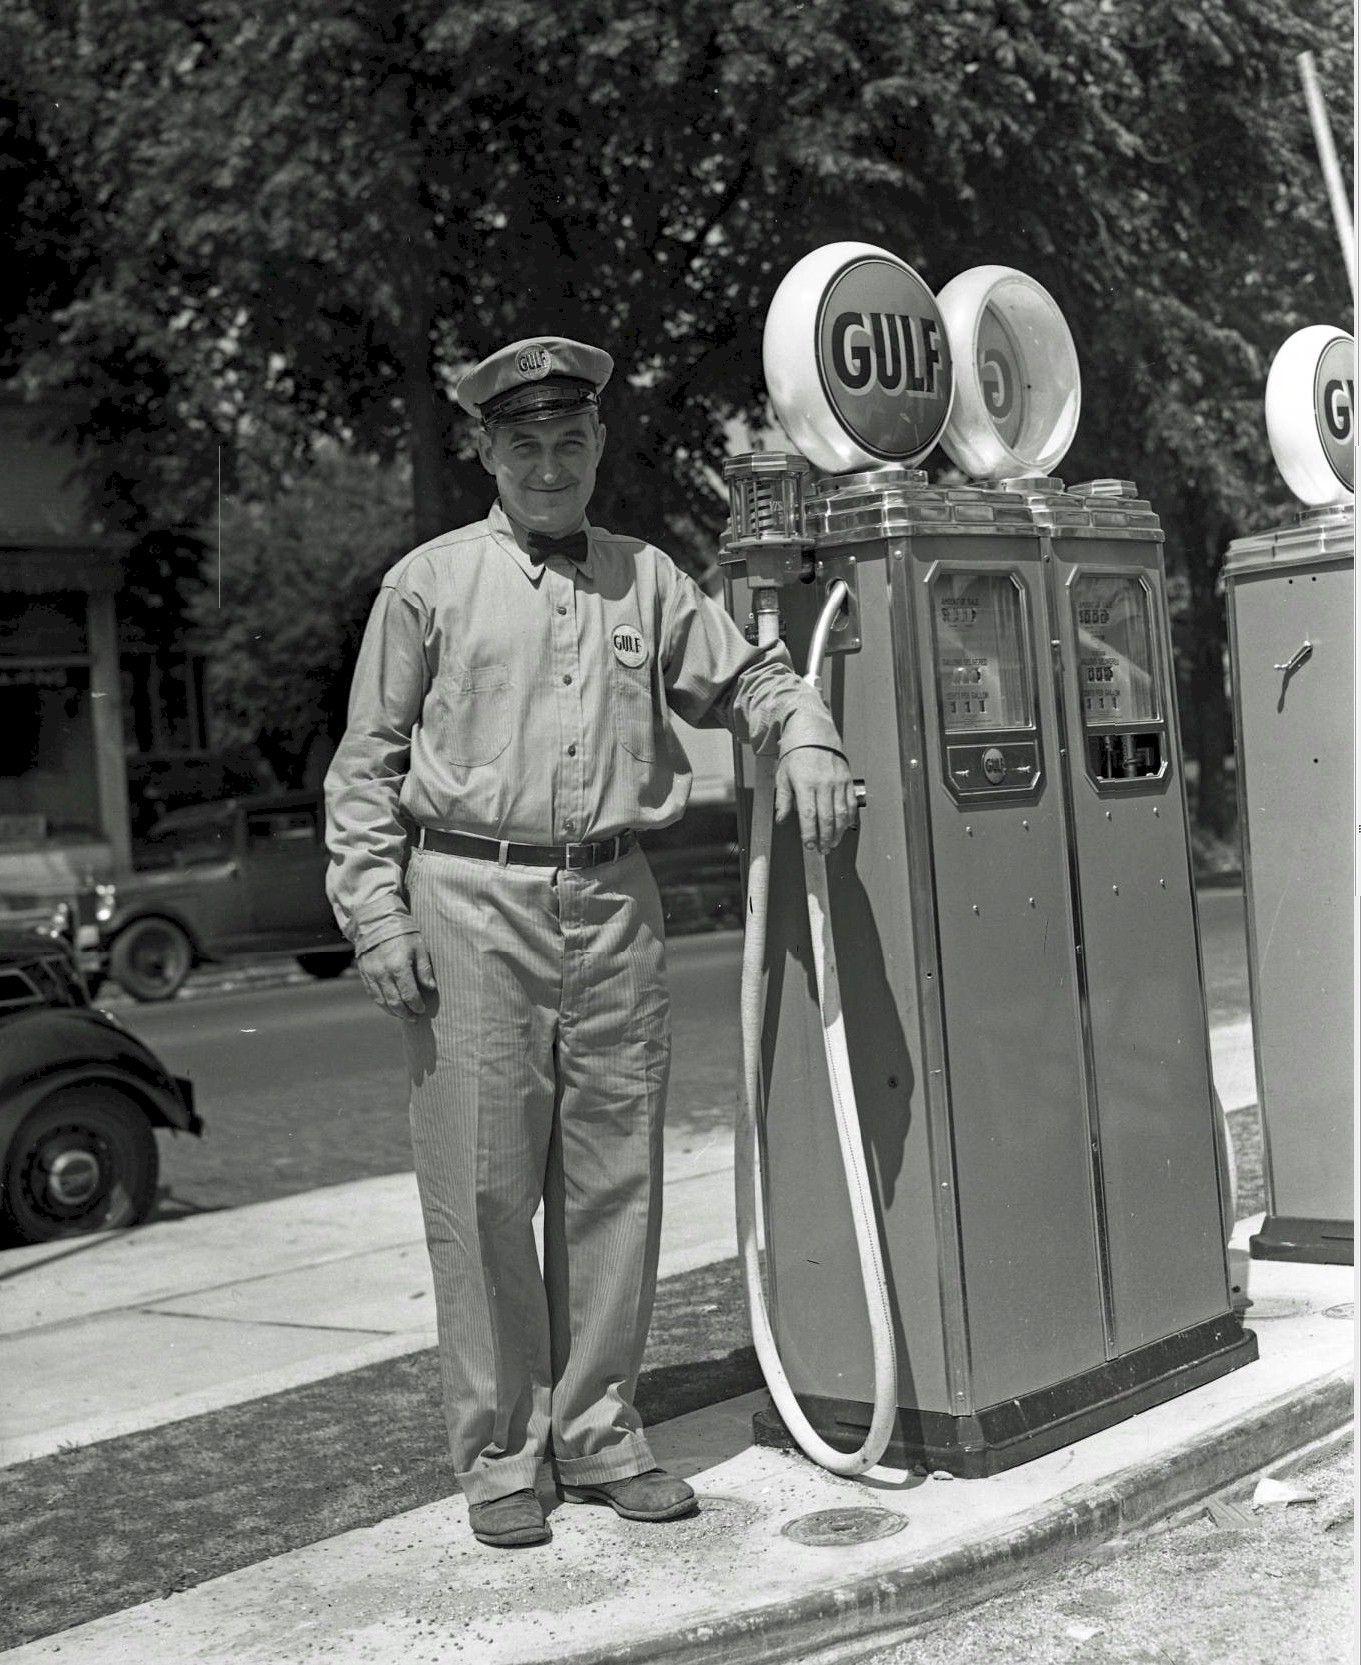 Gulf Attendant